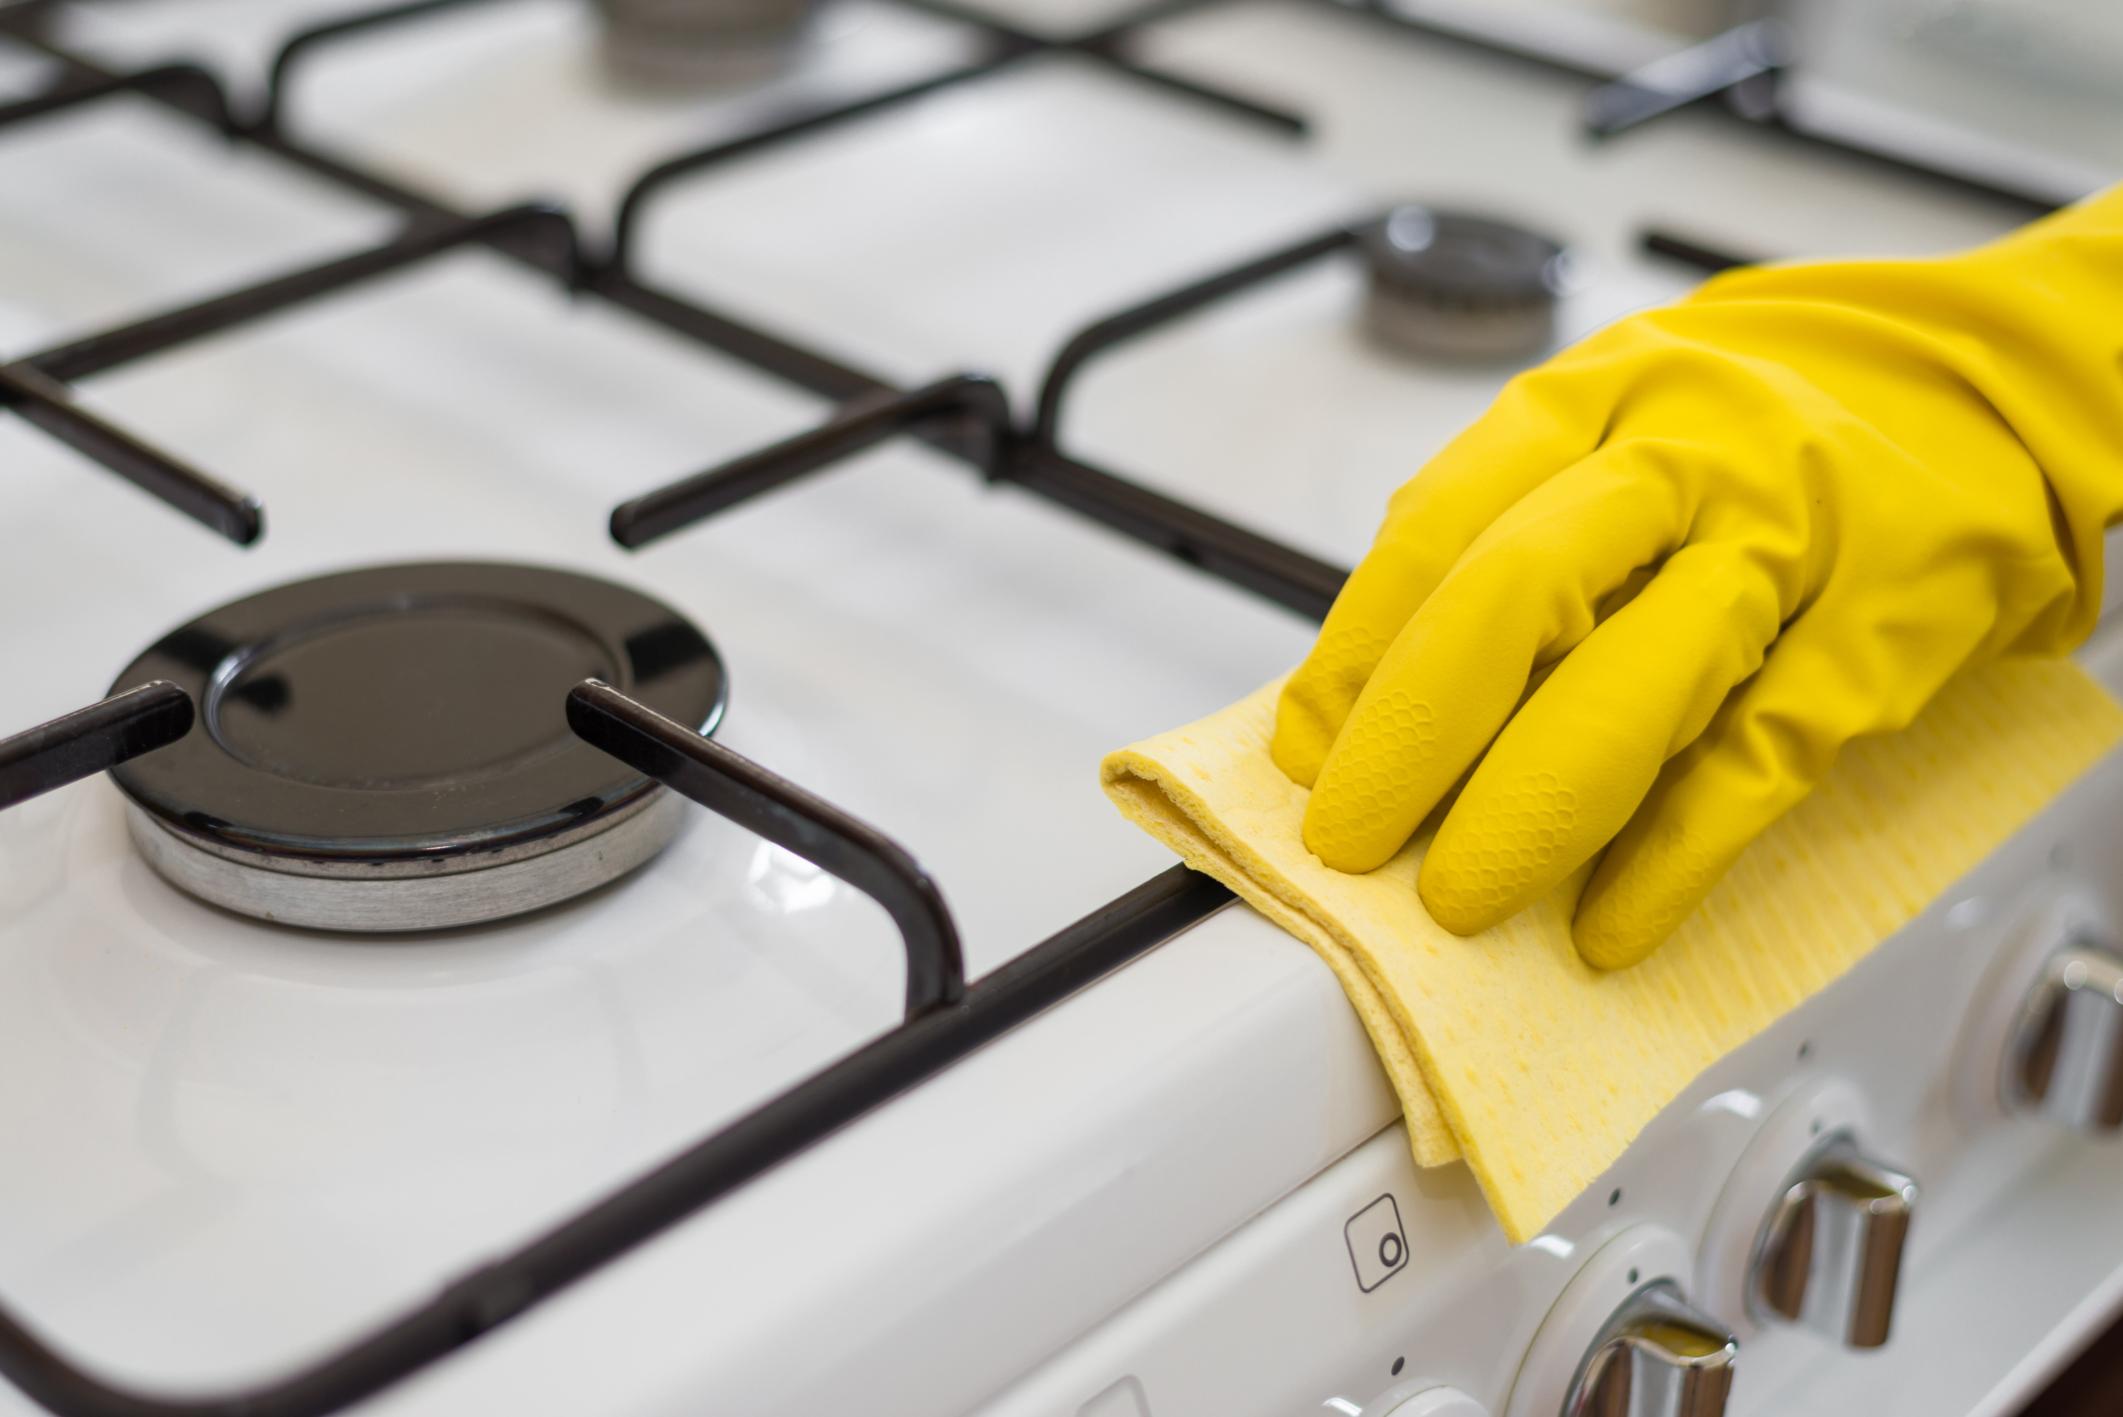 Как почистить газовую плиту в домашних условиях - О чистоте 53